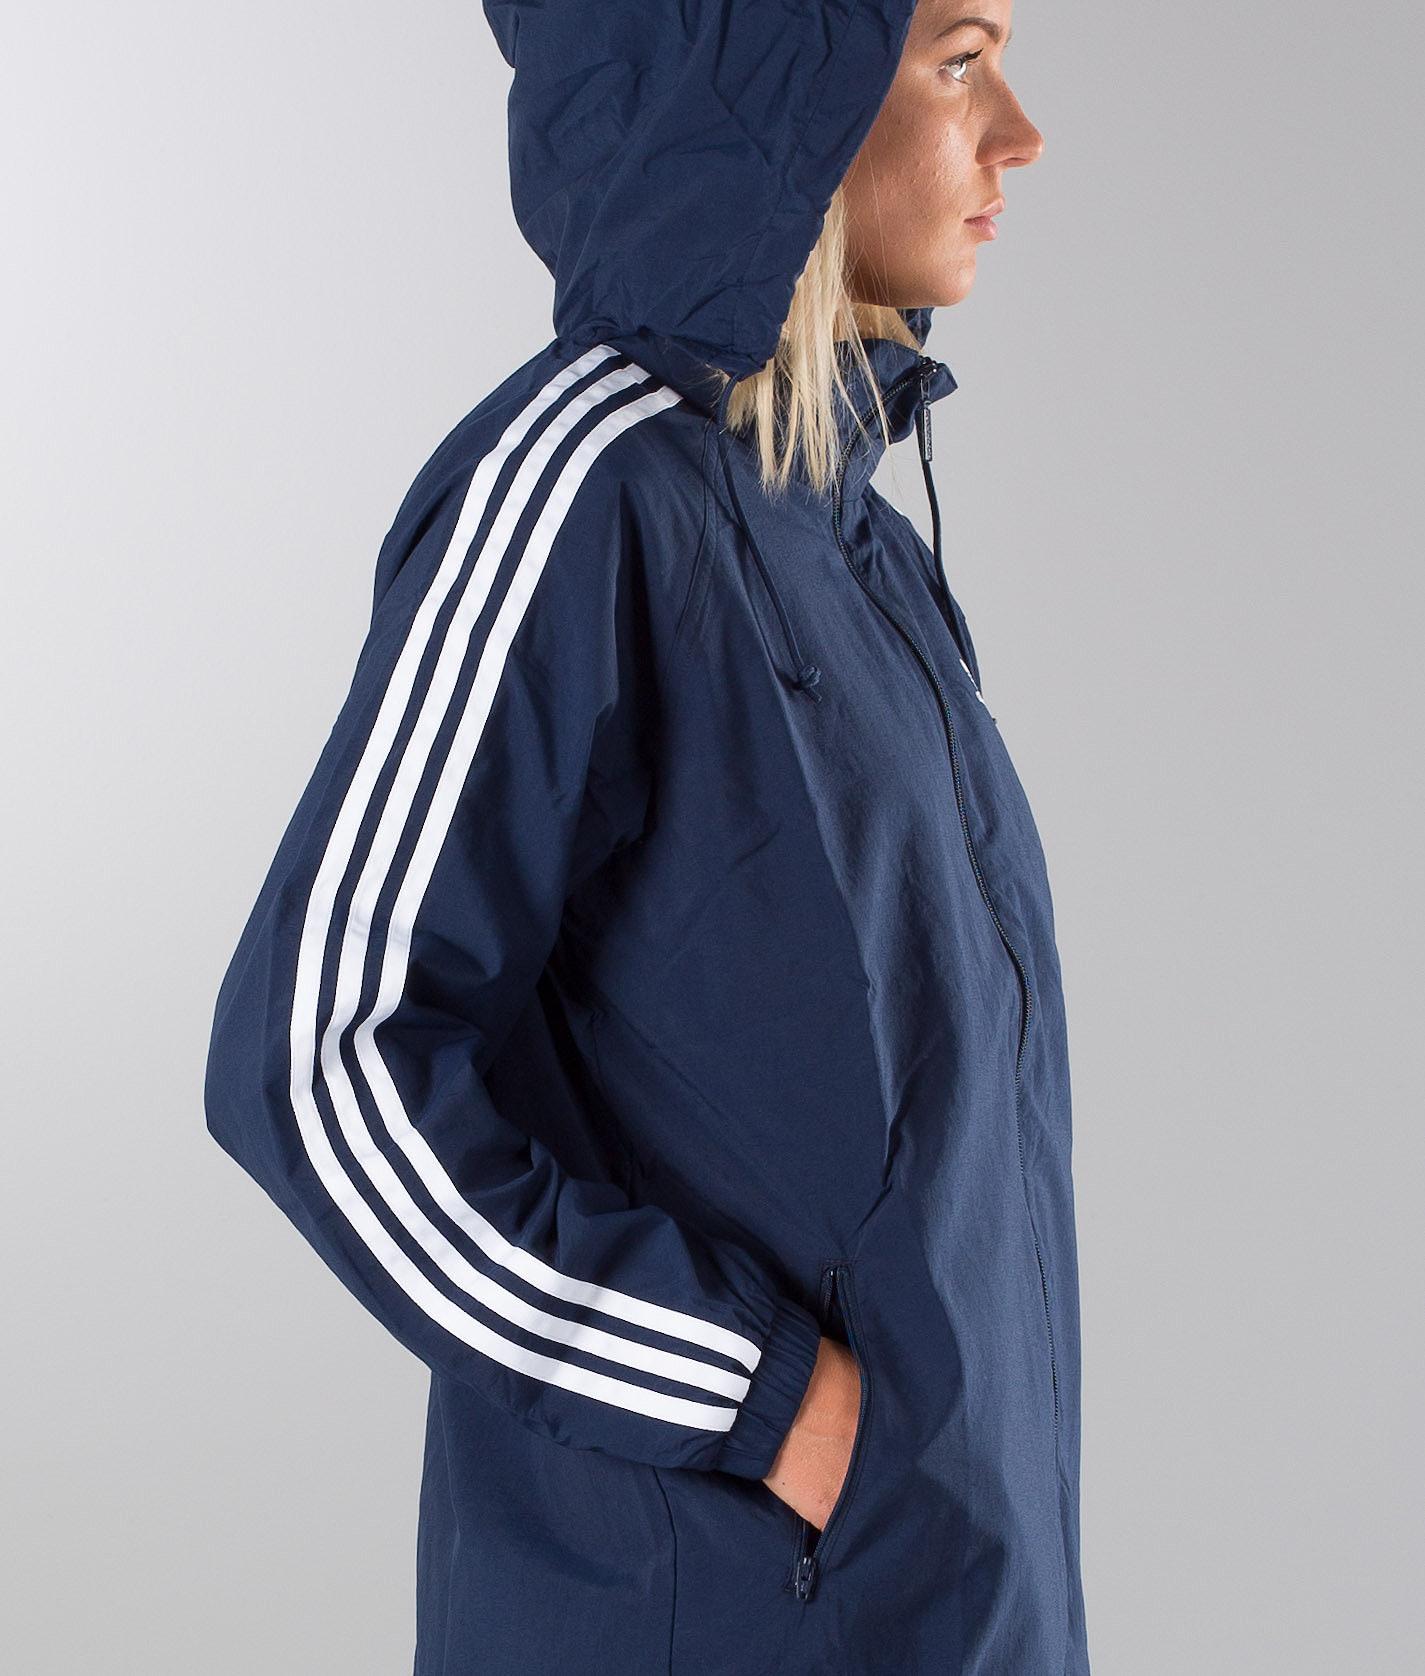 Adidas Originals Stadium Jkt Jacket Collegiate Navy - Ridestore.com b2f2c35432